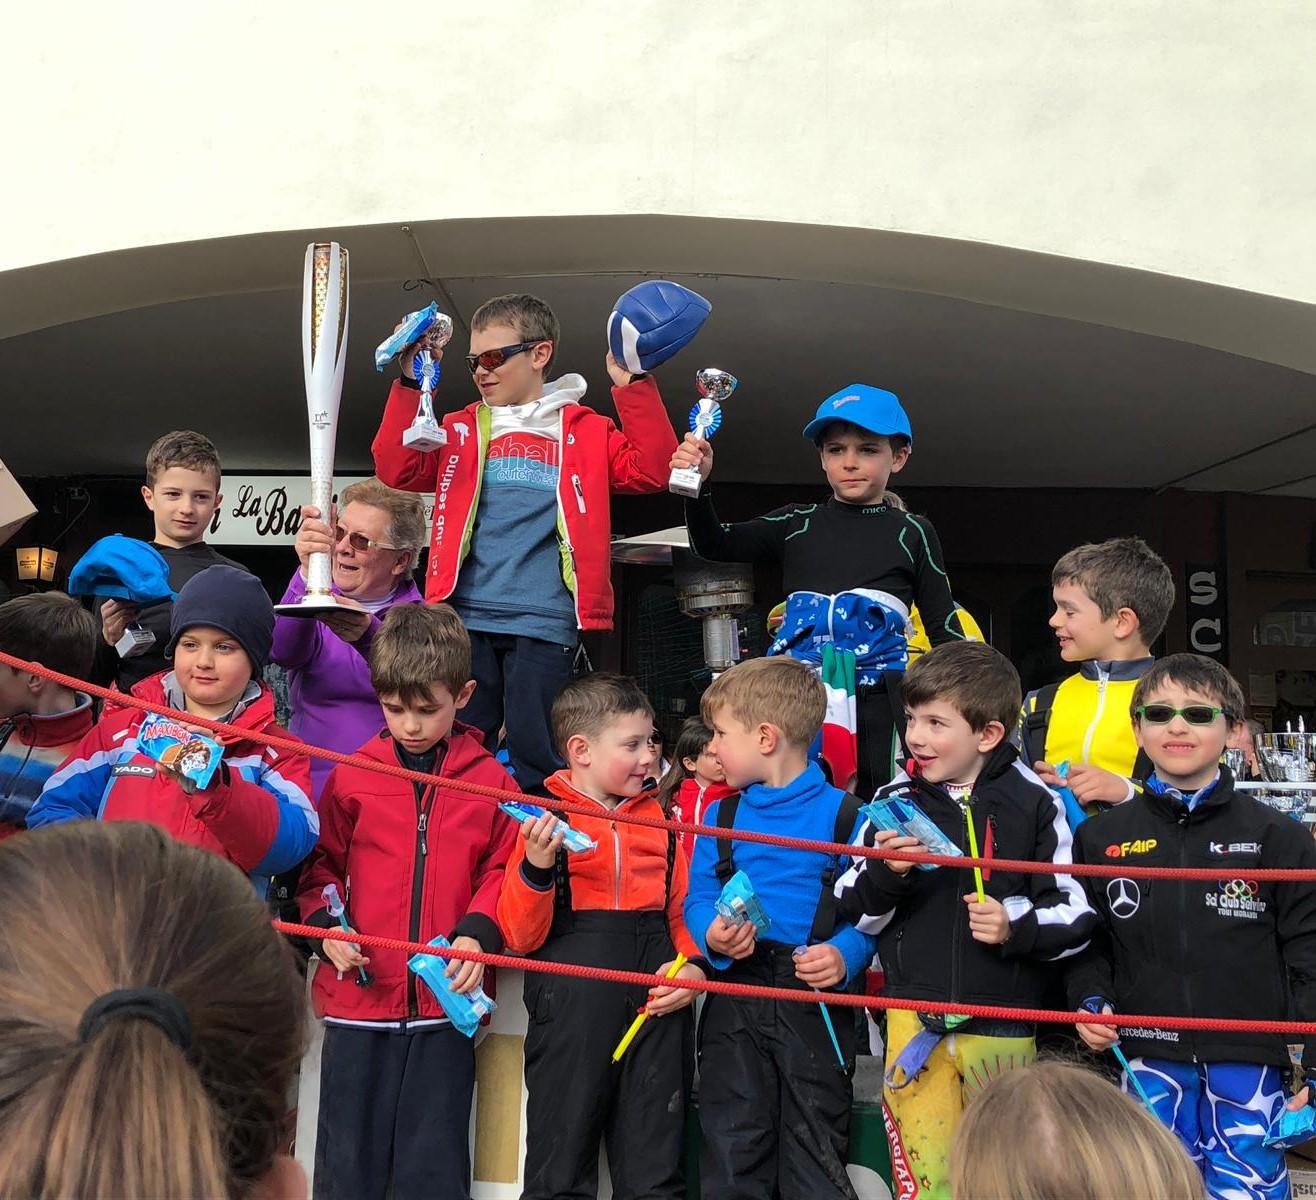 FIE-Foppolo-10.03.2019-Campionato Regionale-C.S.R.S-Cai Canzo-Sci Club 90 Foppolo (26)